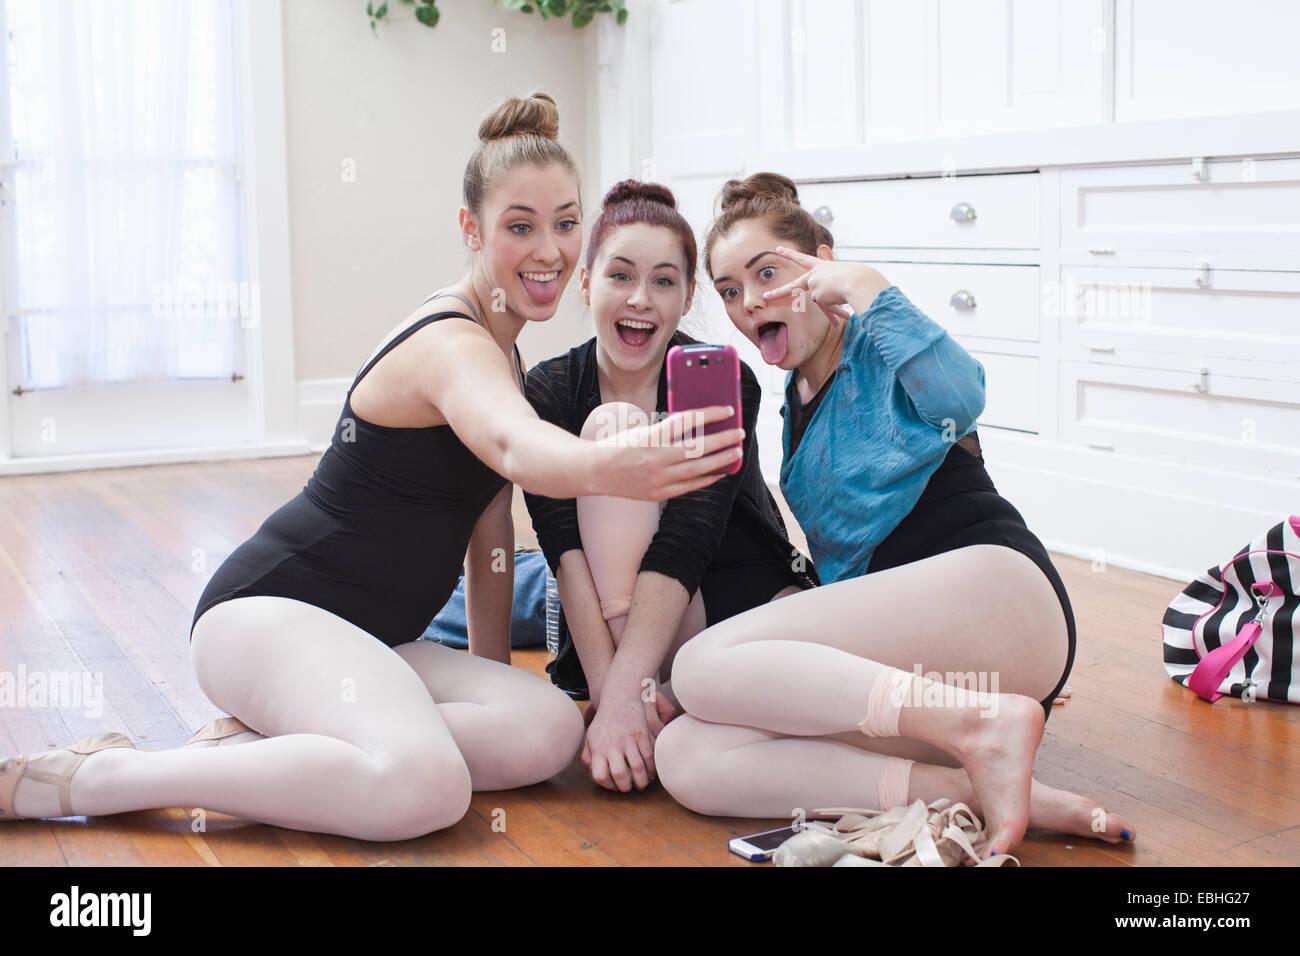 Tres chicas adolescentes tomando en ballet escuela selfie smartphone Imagen De Stock